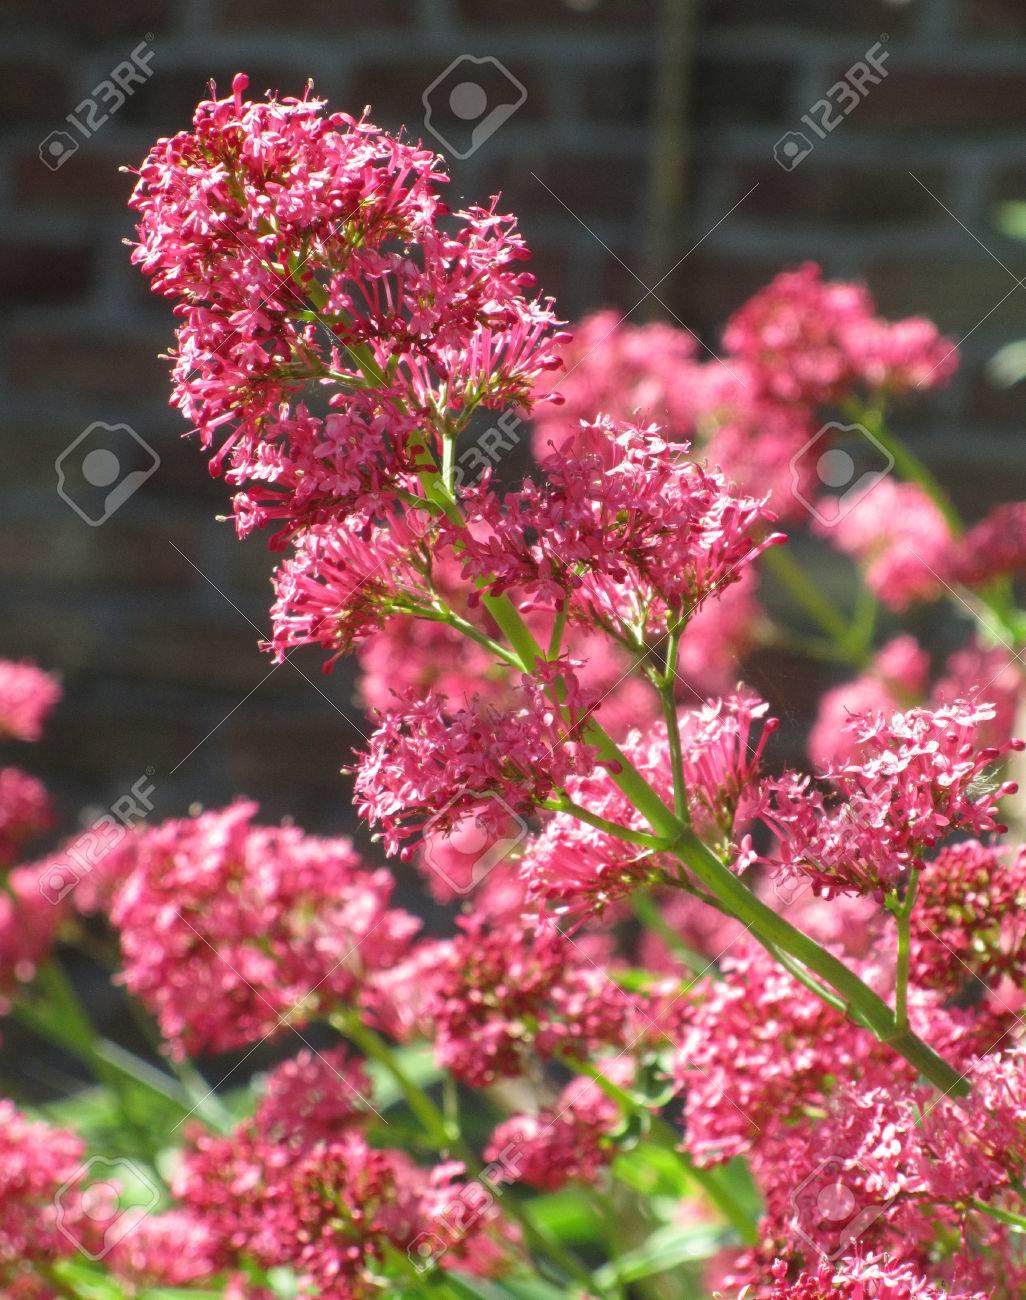 Pianta Fiori Rosa.Immagini Stock I Bellissimi Fiori Rosa Di Centranthus Ruber